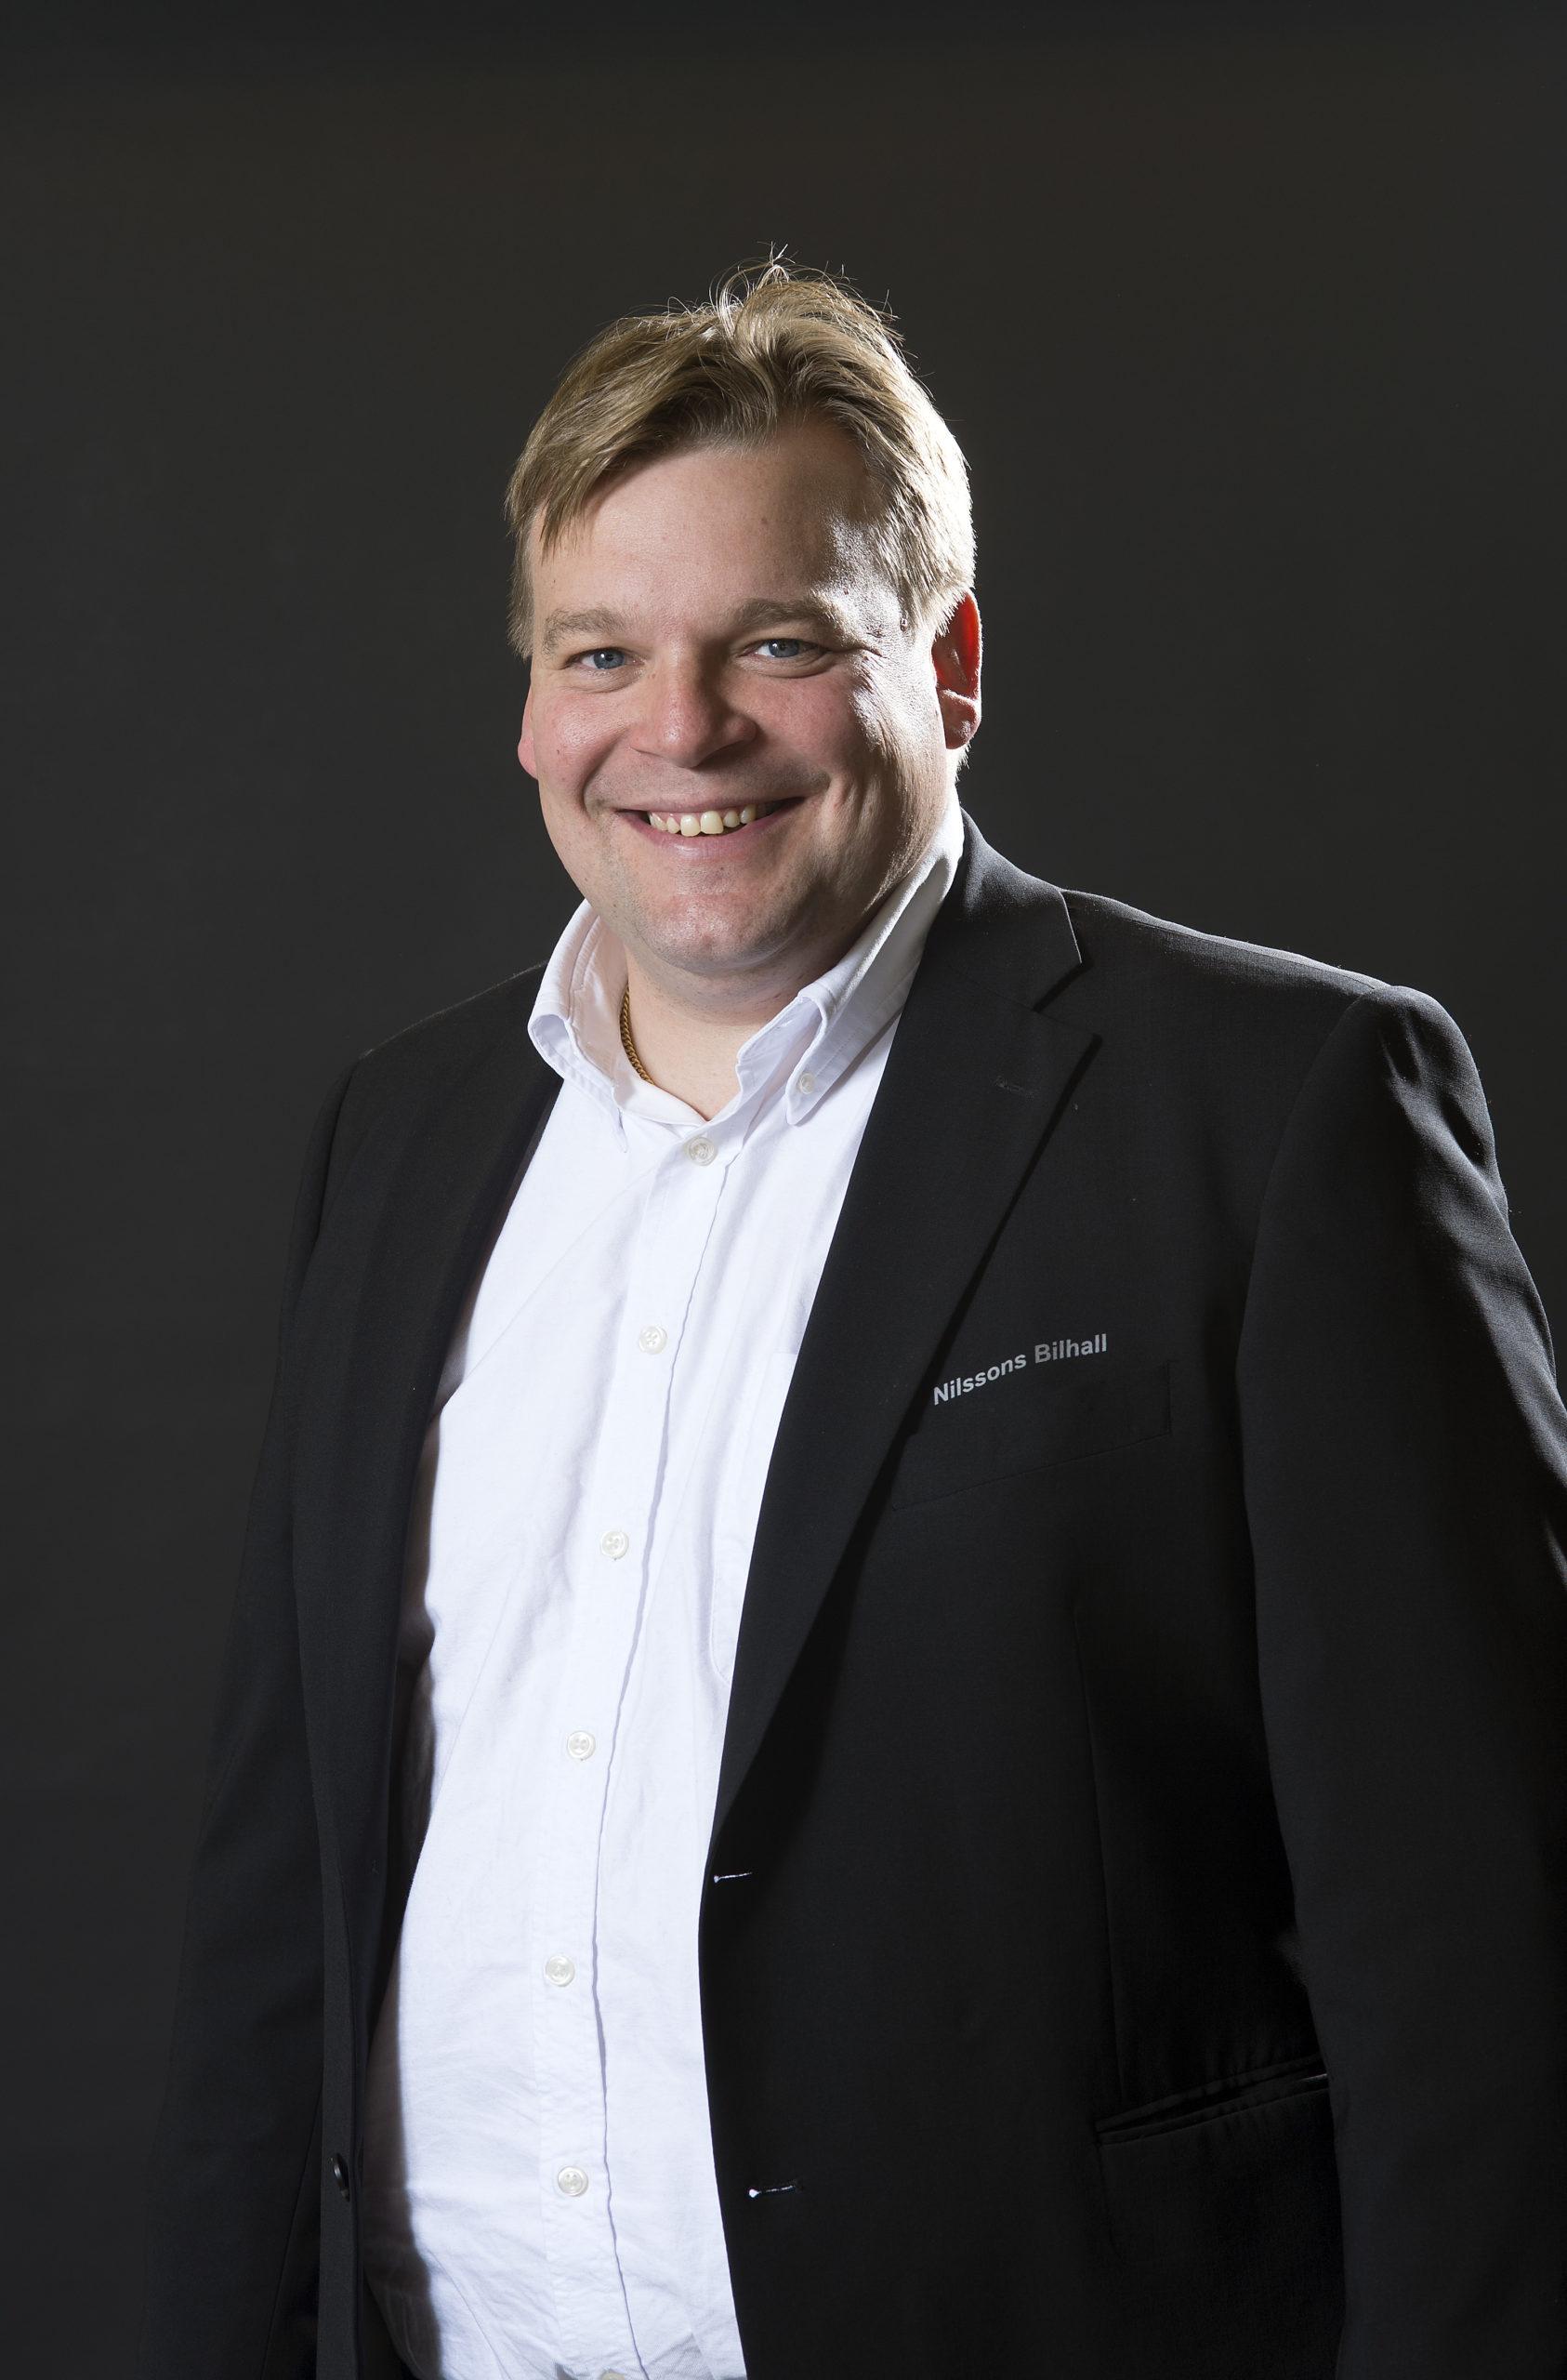 Pär Nilsson